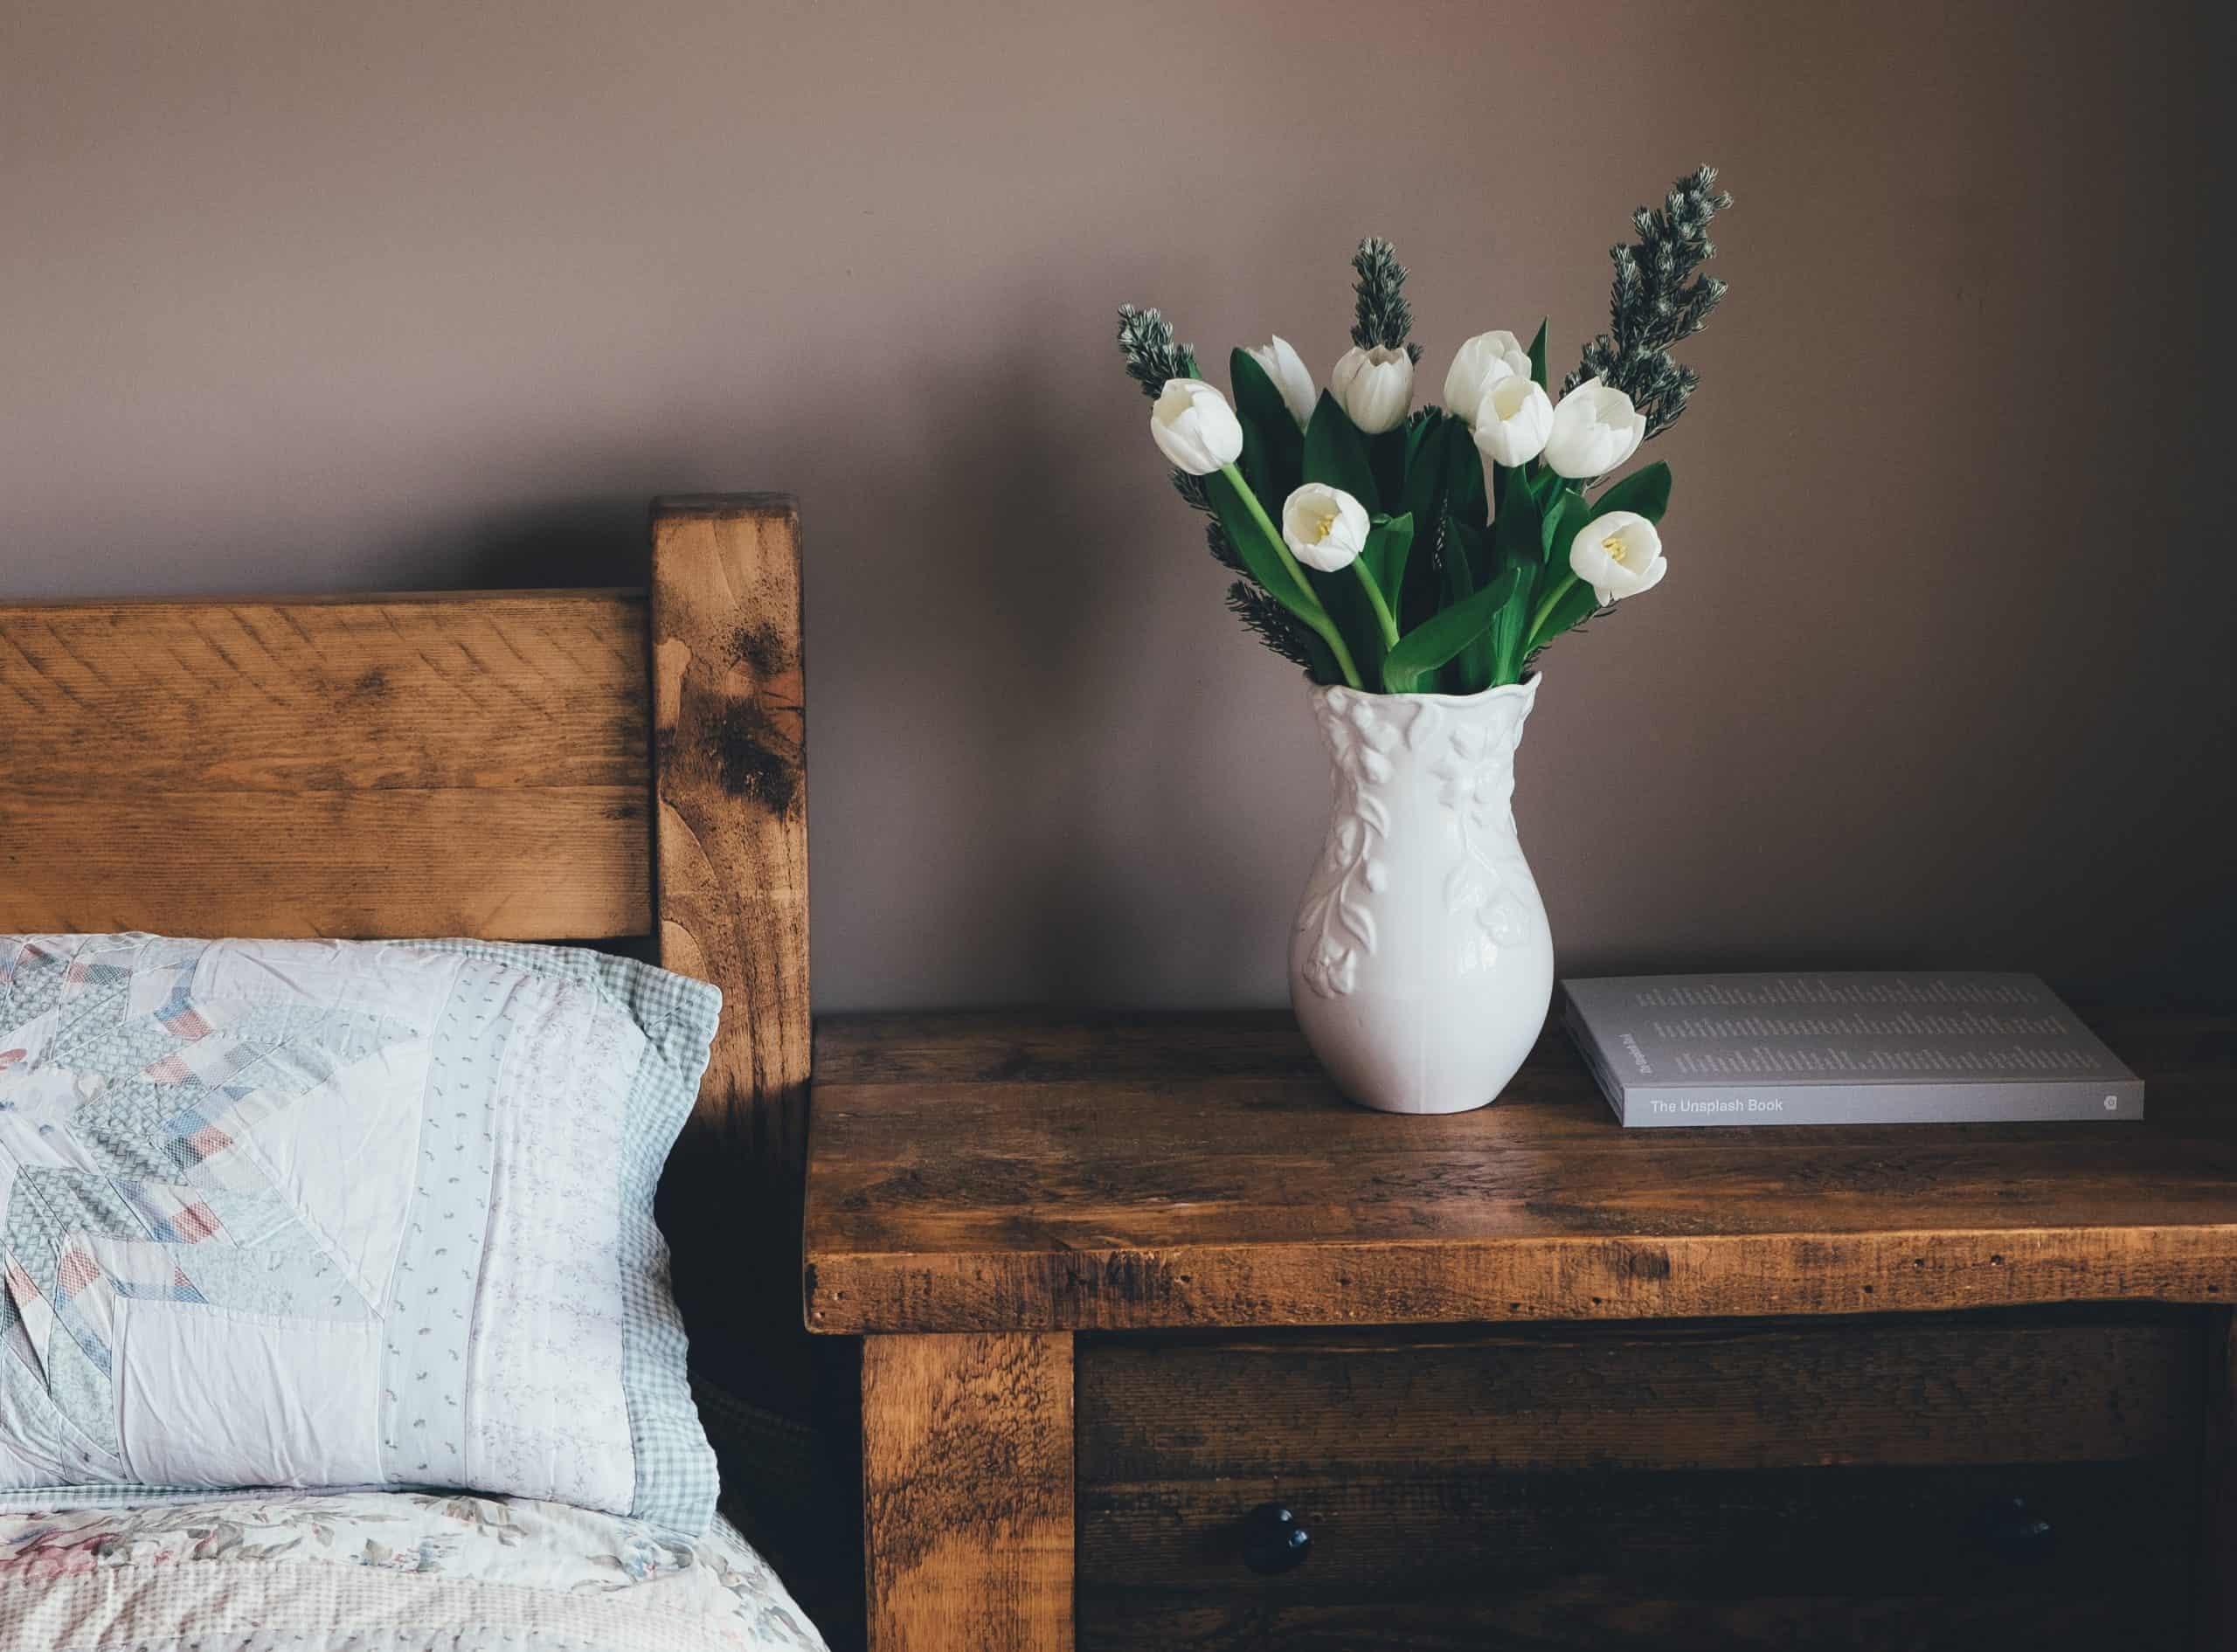 drevený nábytok v spálni s kyticou